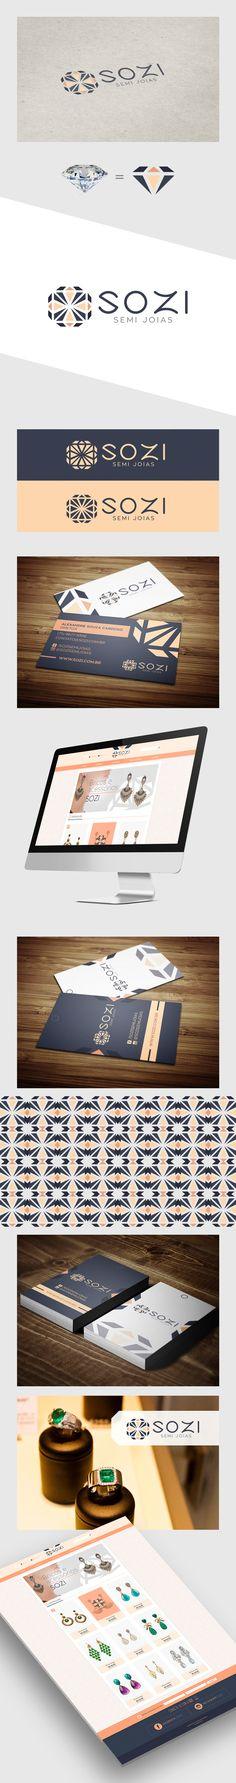 Criação do logo e identidade visual, cartão de visitas, tag para produtos e loja virtual